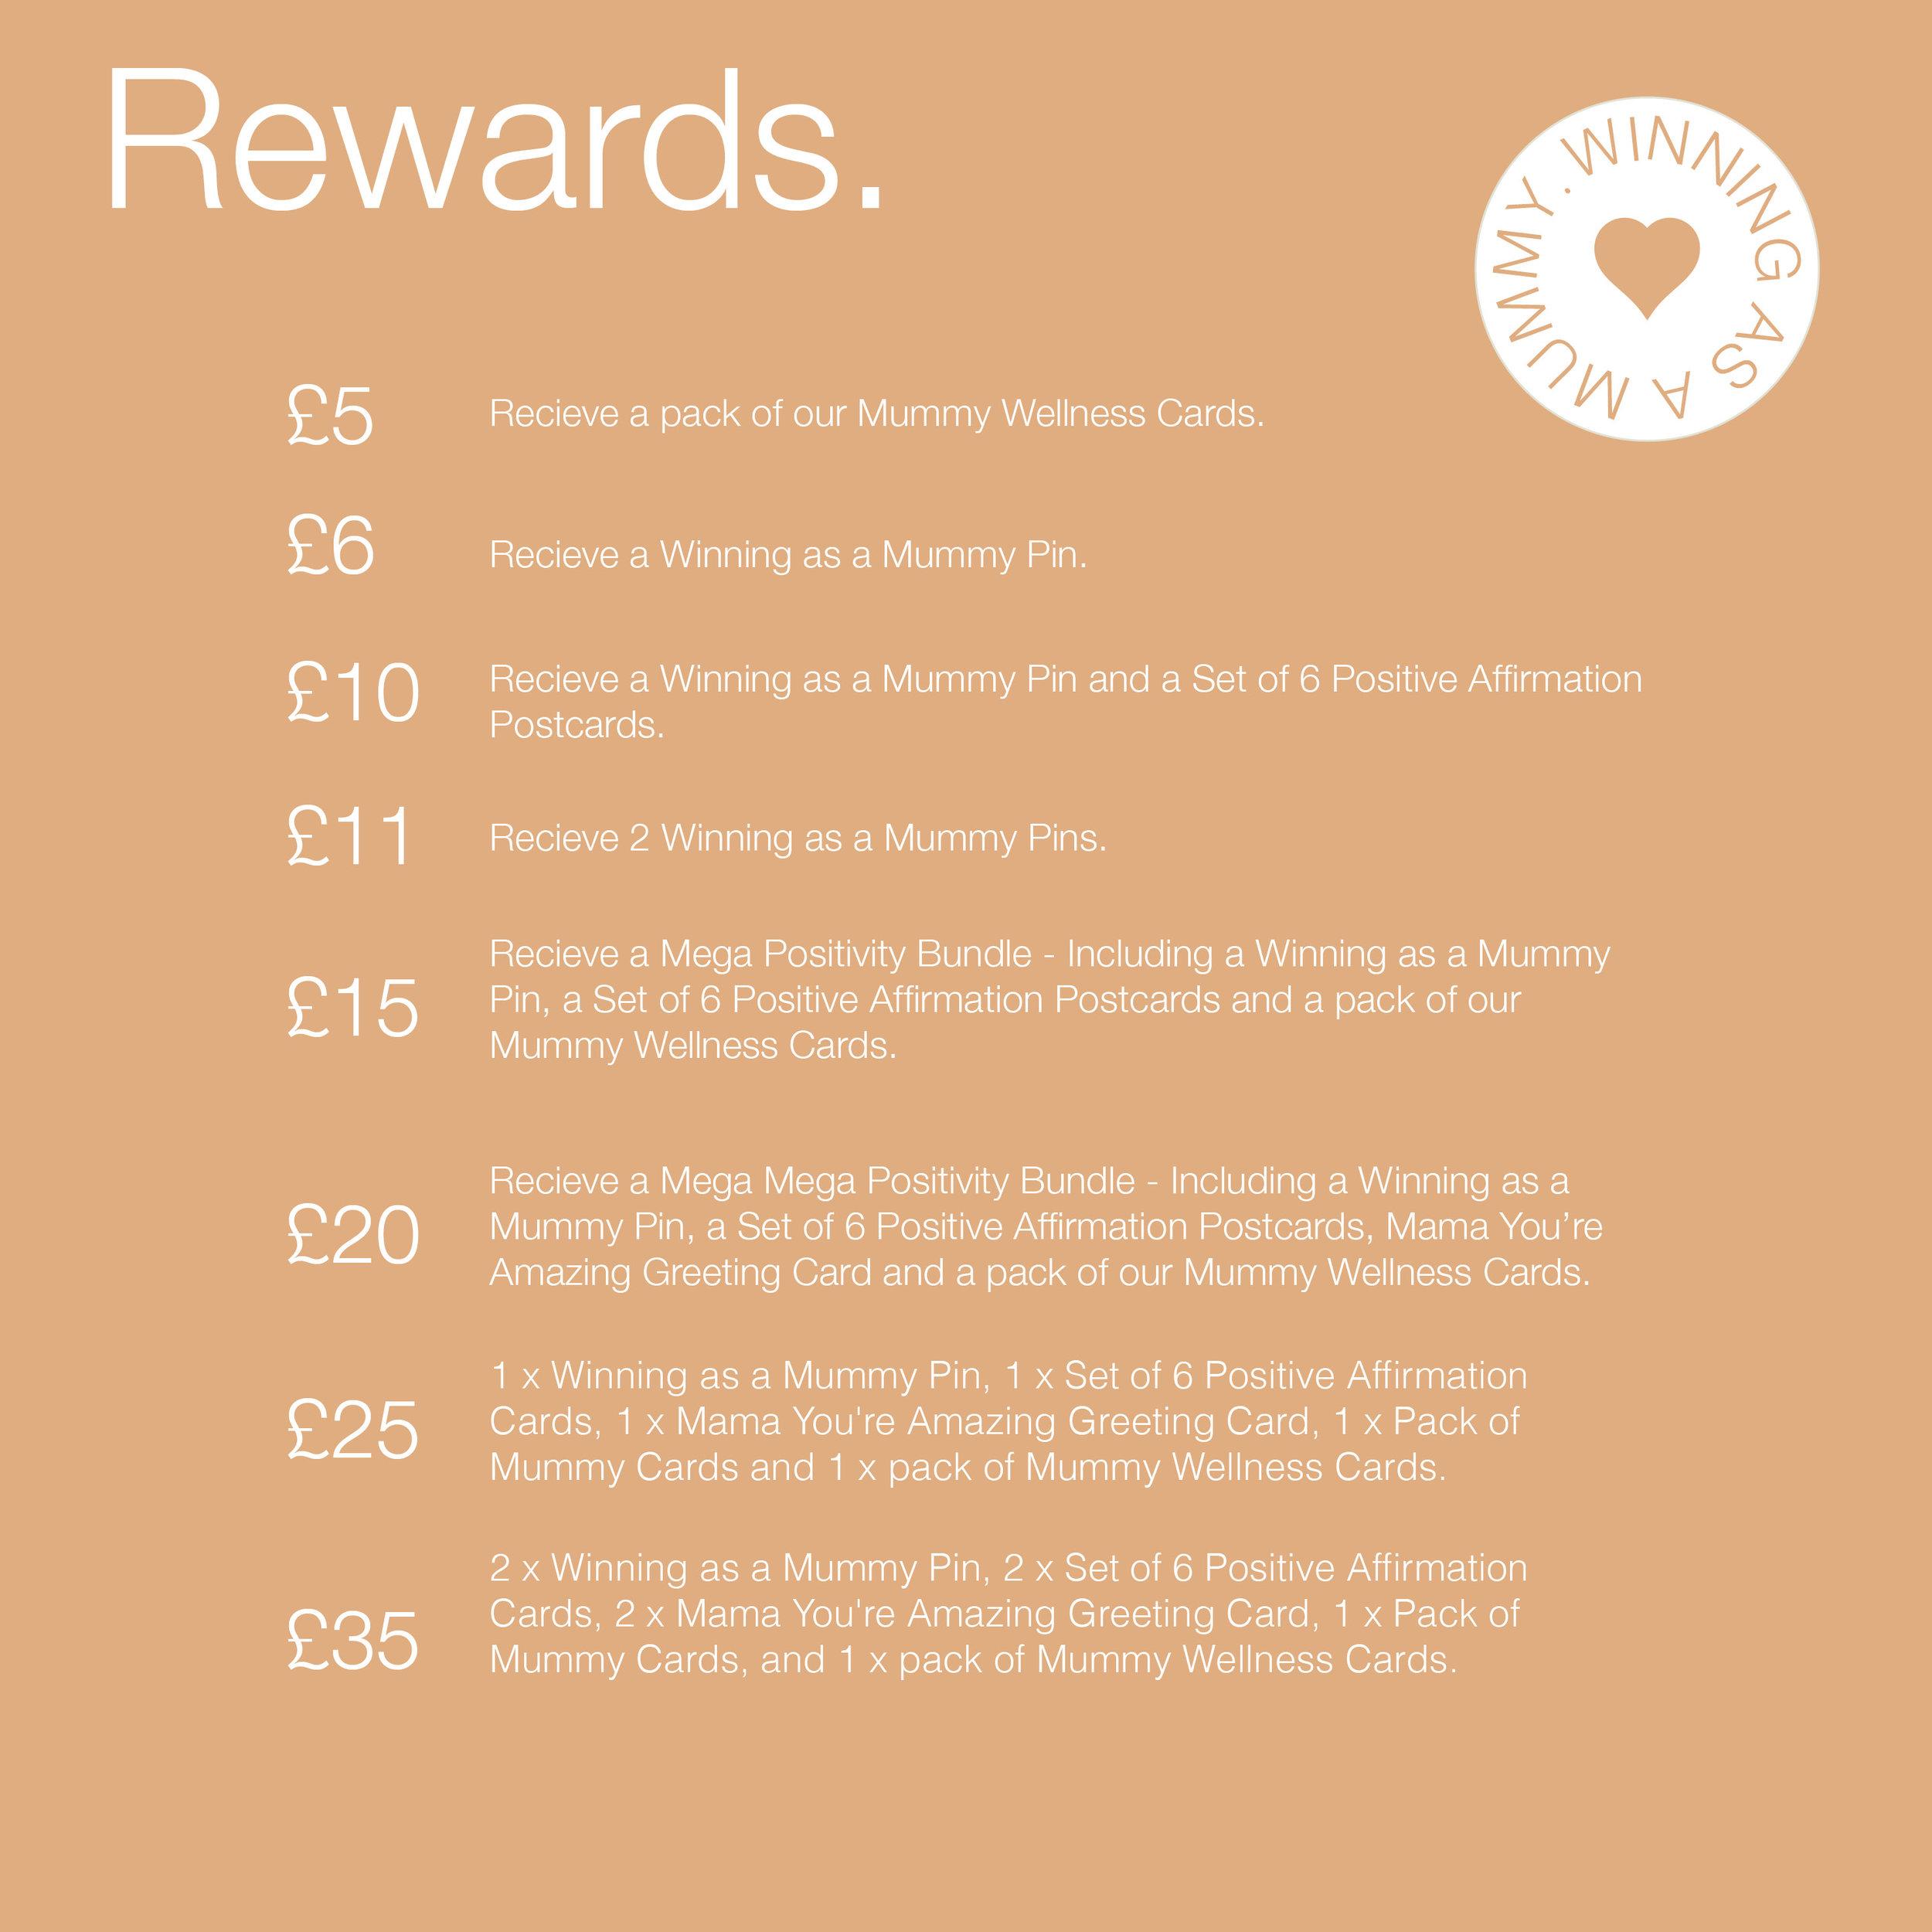 Rewards for pledges.